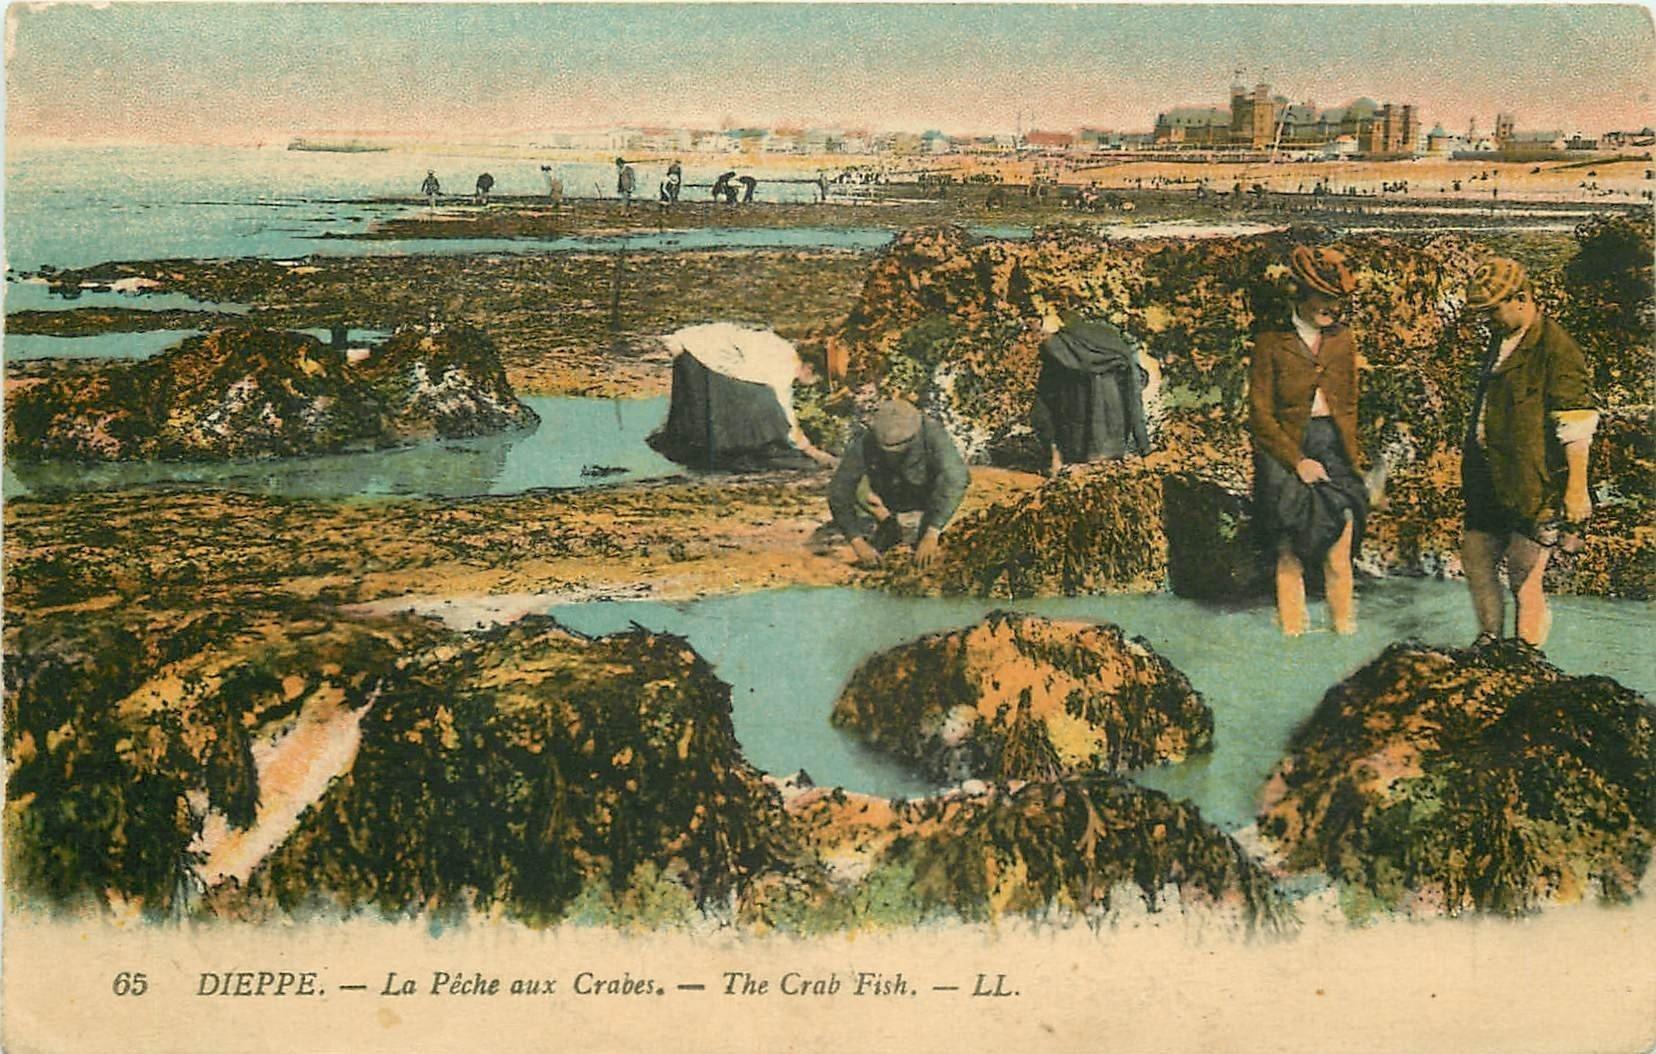 76 DIEPPE. La Pêche aux Crabes. Edition LL.